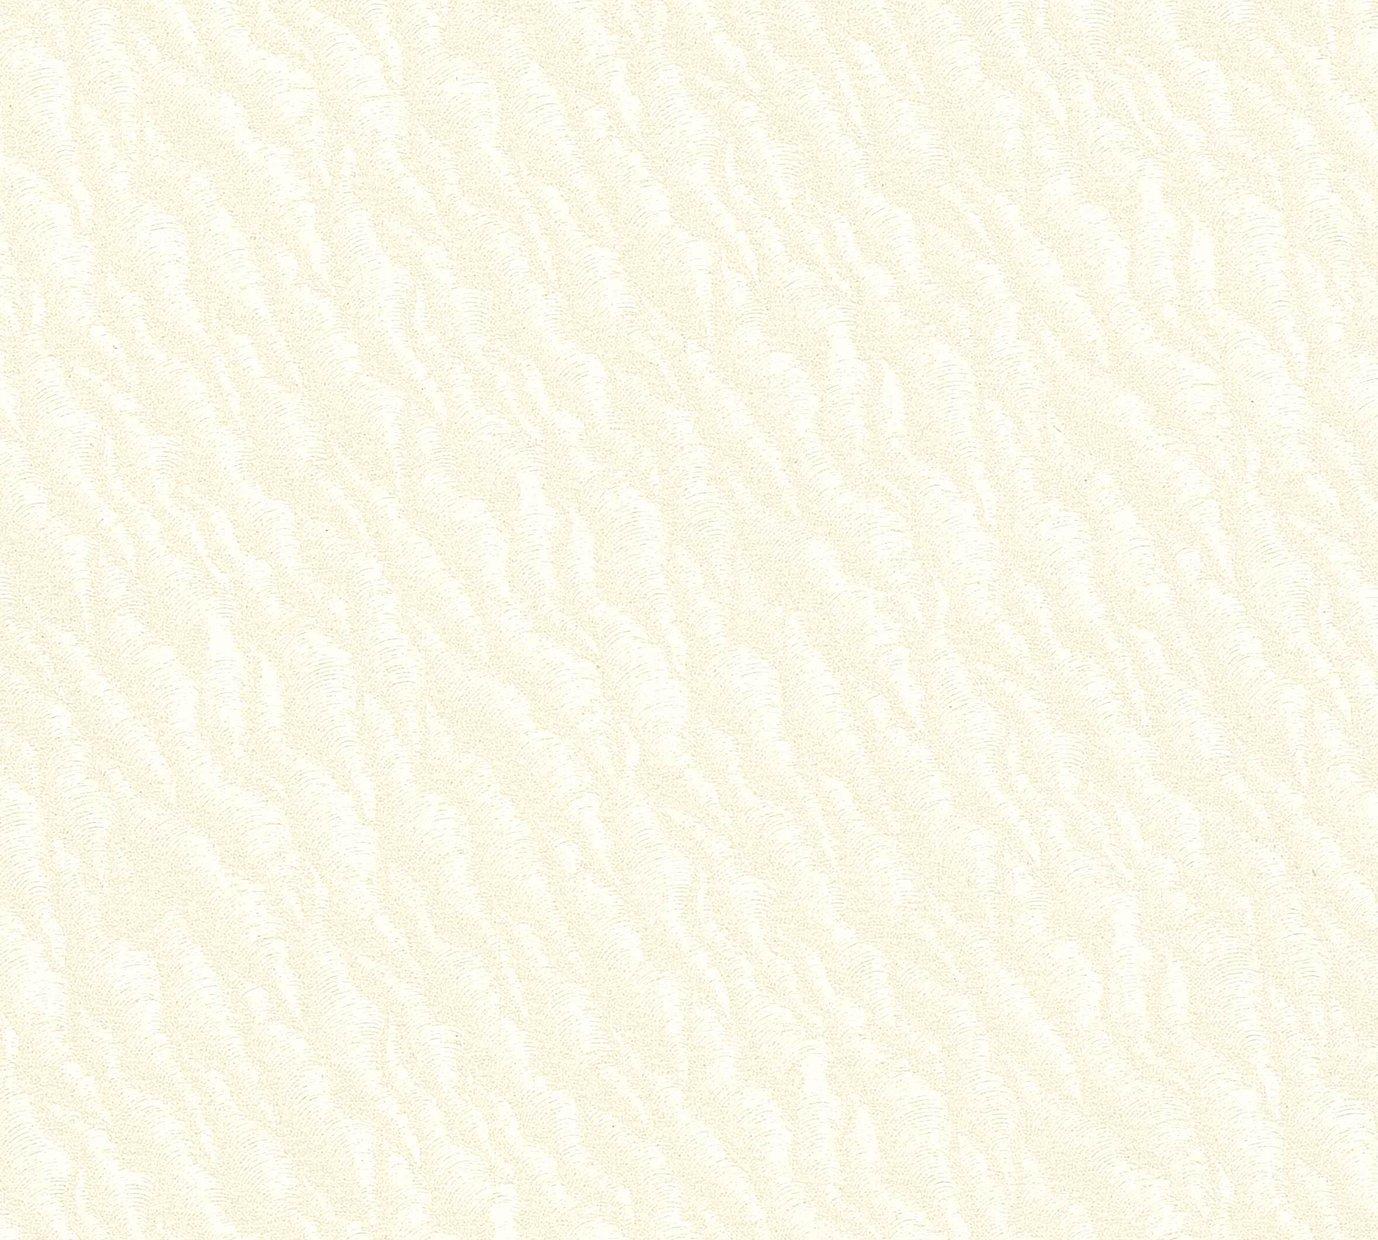 紙見本 スター印小間紙